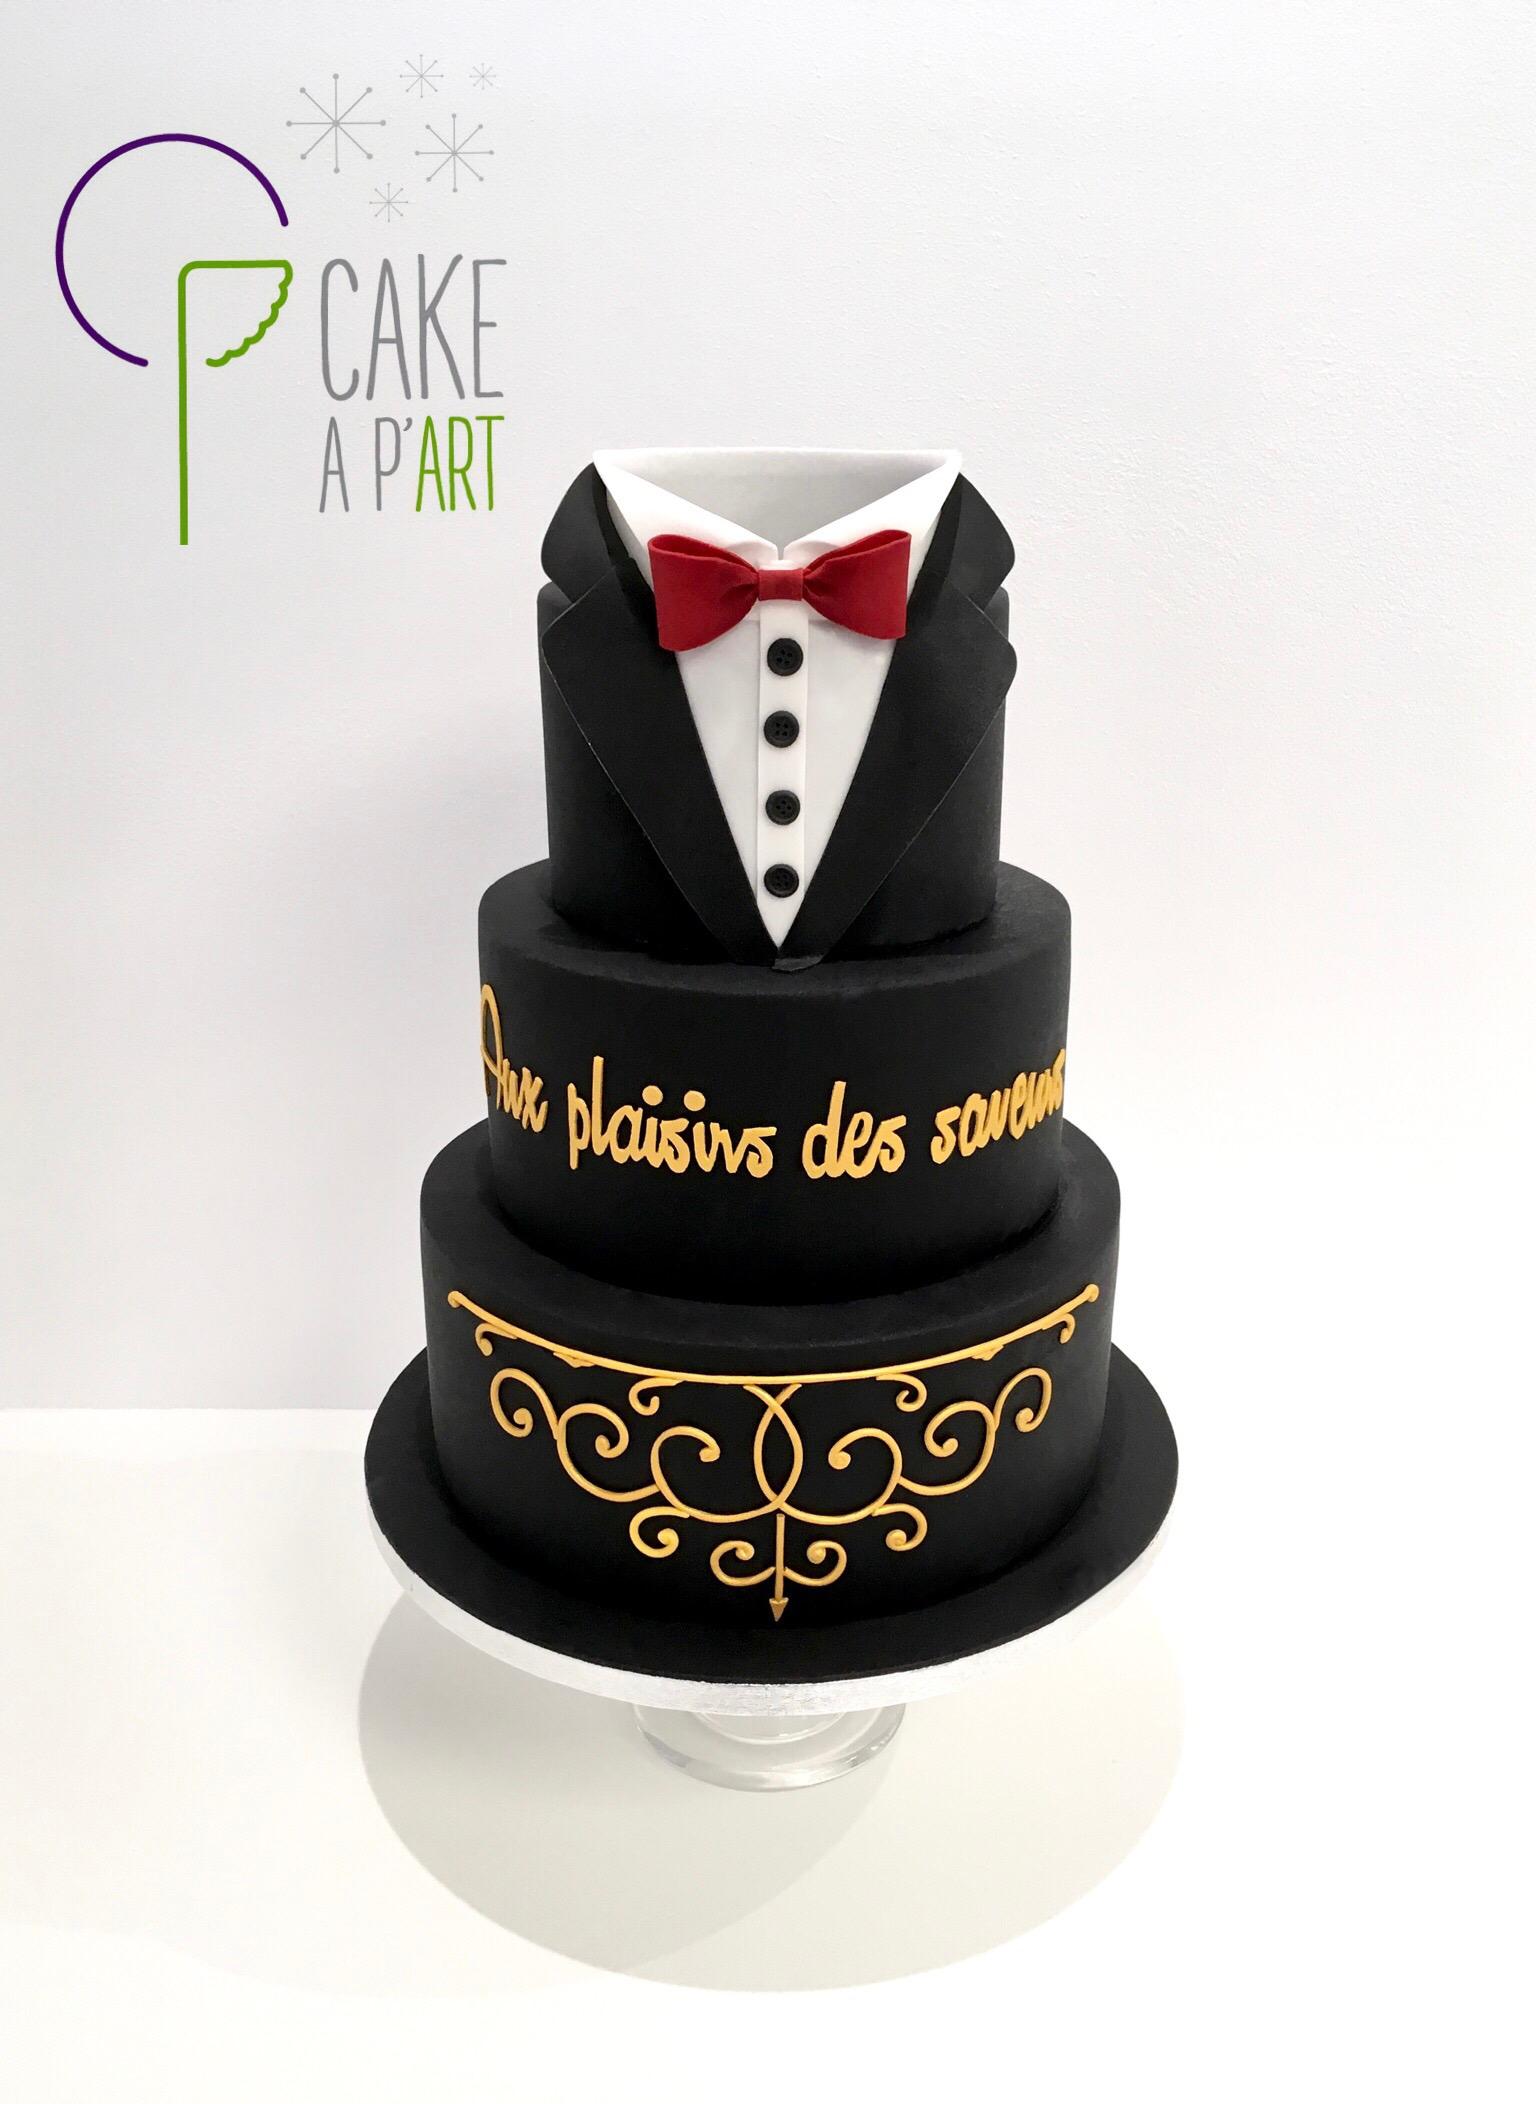 Gâteau Evènement Pro Cakeapart